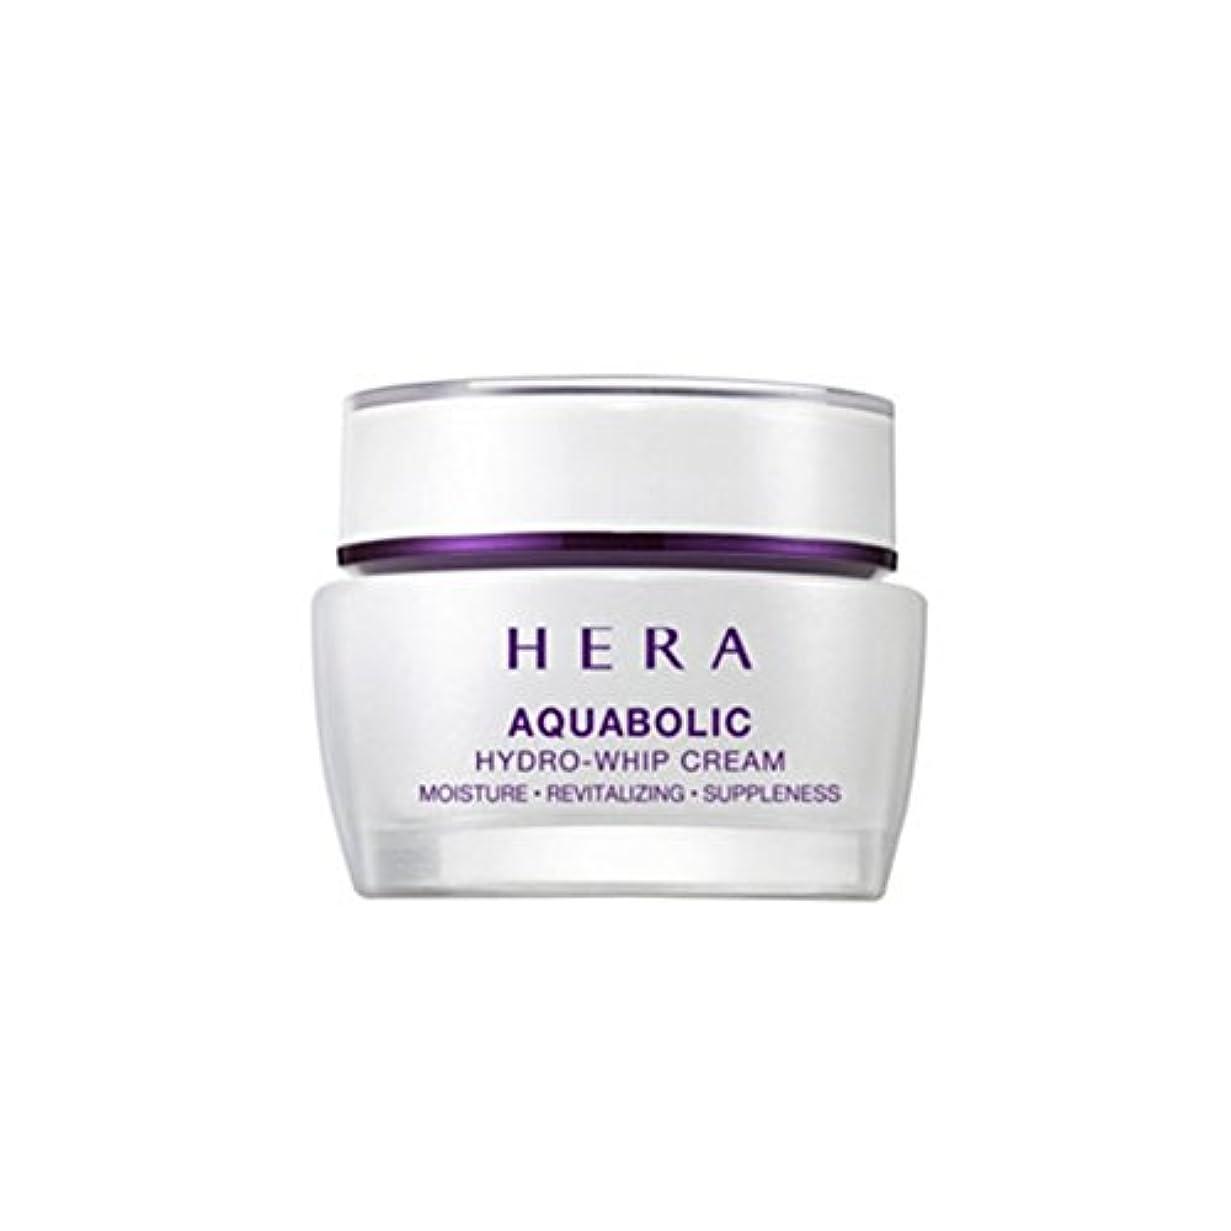 味わう通り抜ける証言する(ヘラ) HERA Aquabolic Hydro-Whip Cream アクアボリックハイドロホイップ クリーム (韓国直発送) oopspanda